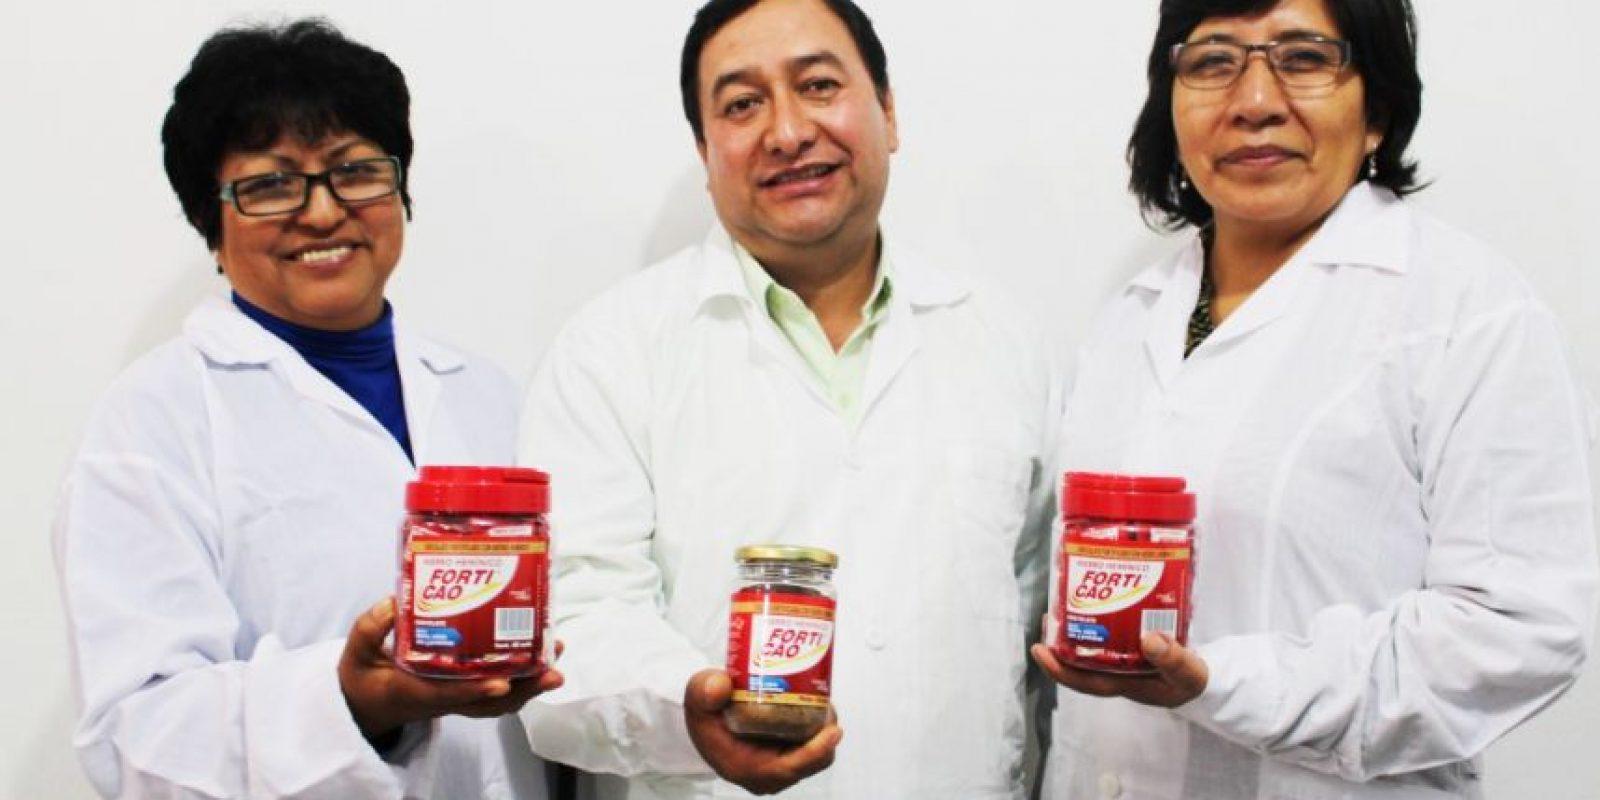 Este innovador producto es un proyecto desarrollado gracias al financiamiento del Banco Mundial.